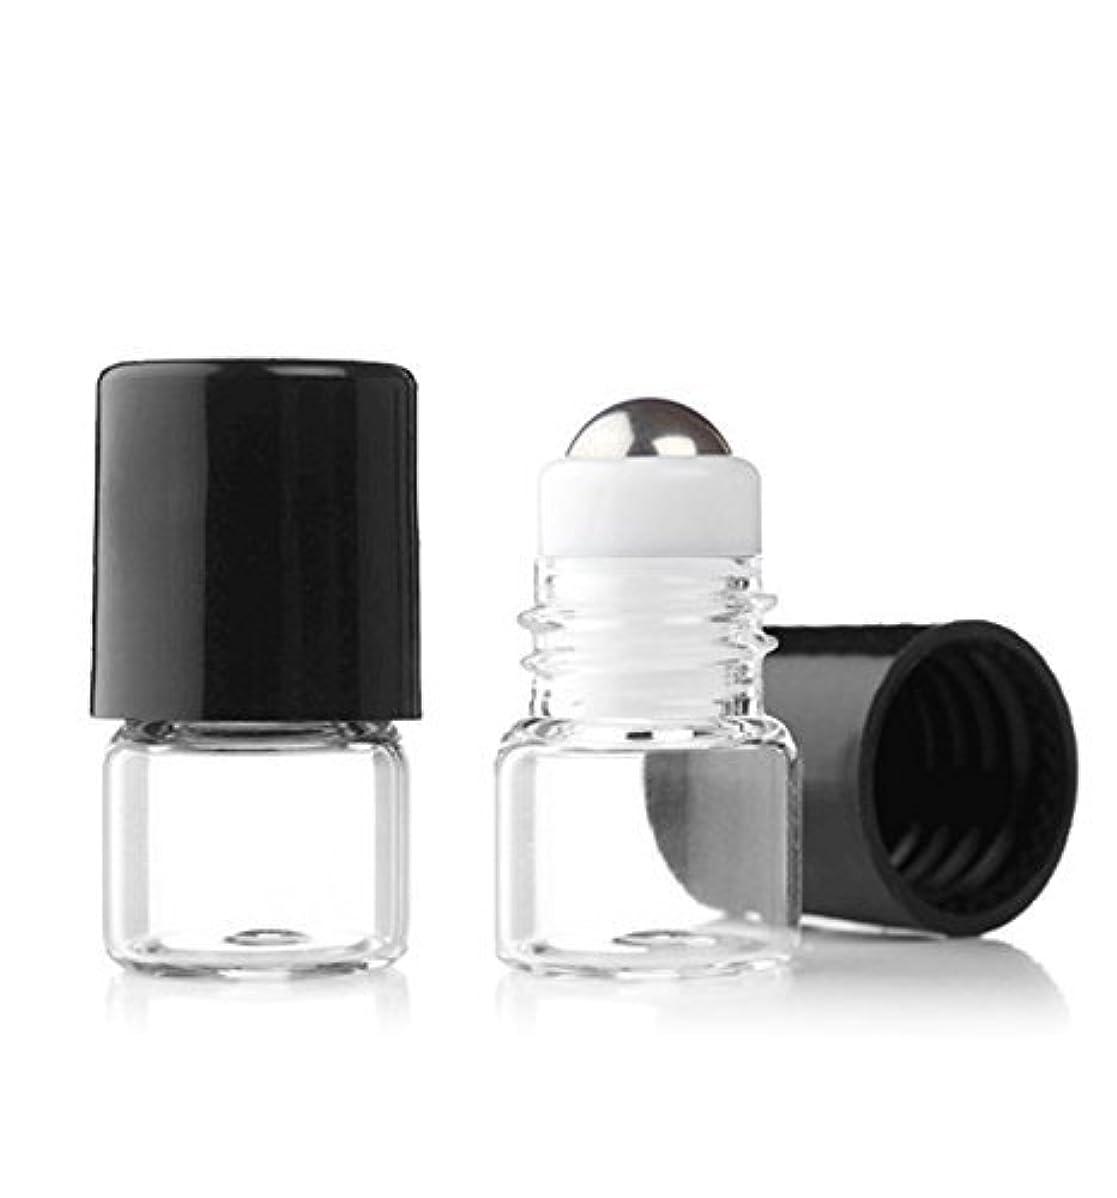 記者機転化合物Grand Parfums Empty 1ml Micro Mini Rollon Dram Glass Bottles with Metal Roller Balls - Refillable Aromatherapy...